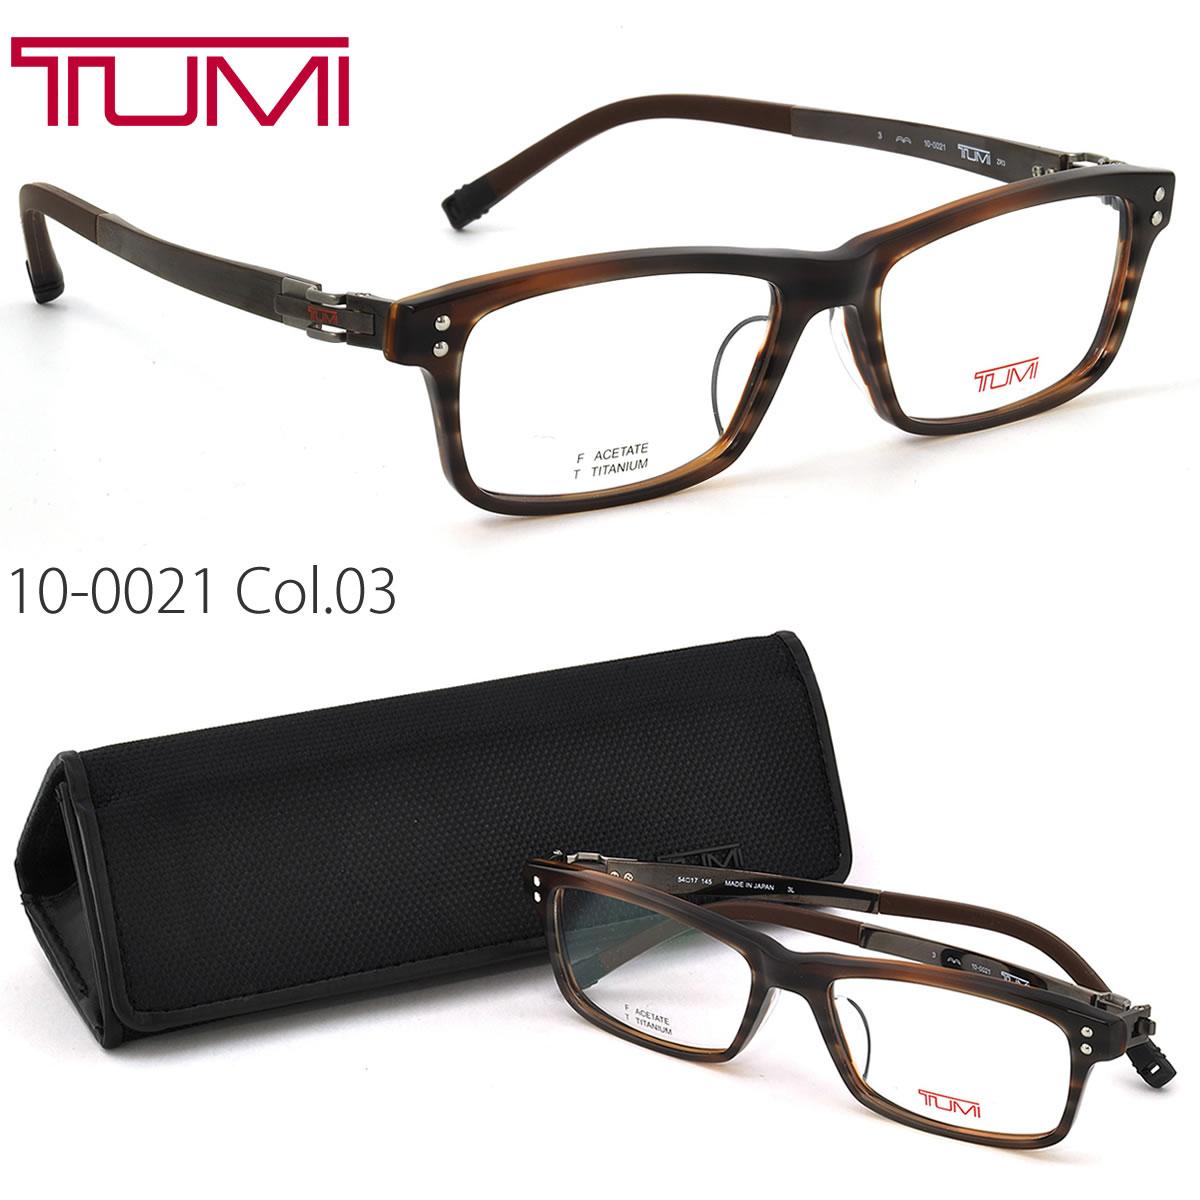 トゥミ メガネ 10-0021 3 54サイズ TUMI ビジネスバッグで人気のブランド メンズ